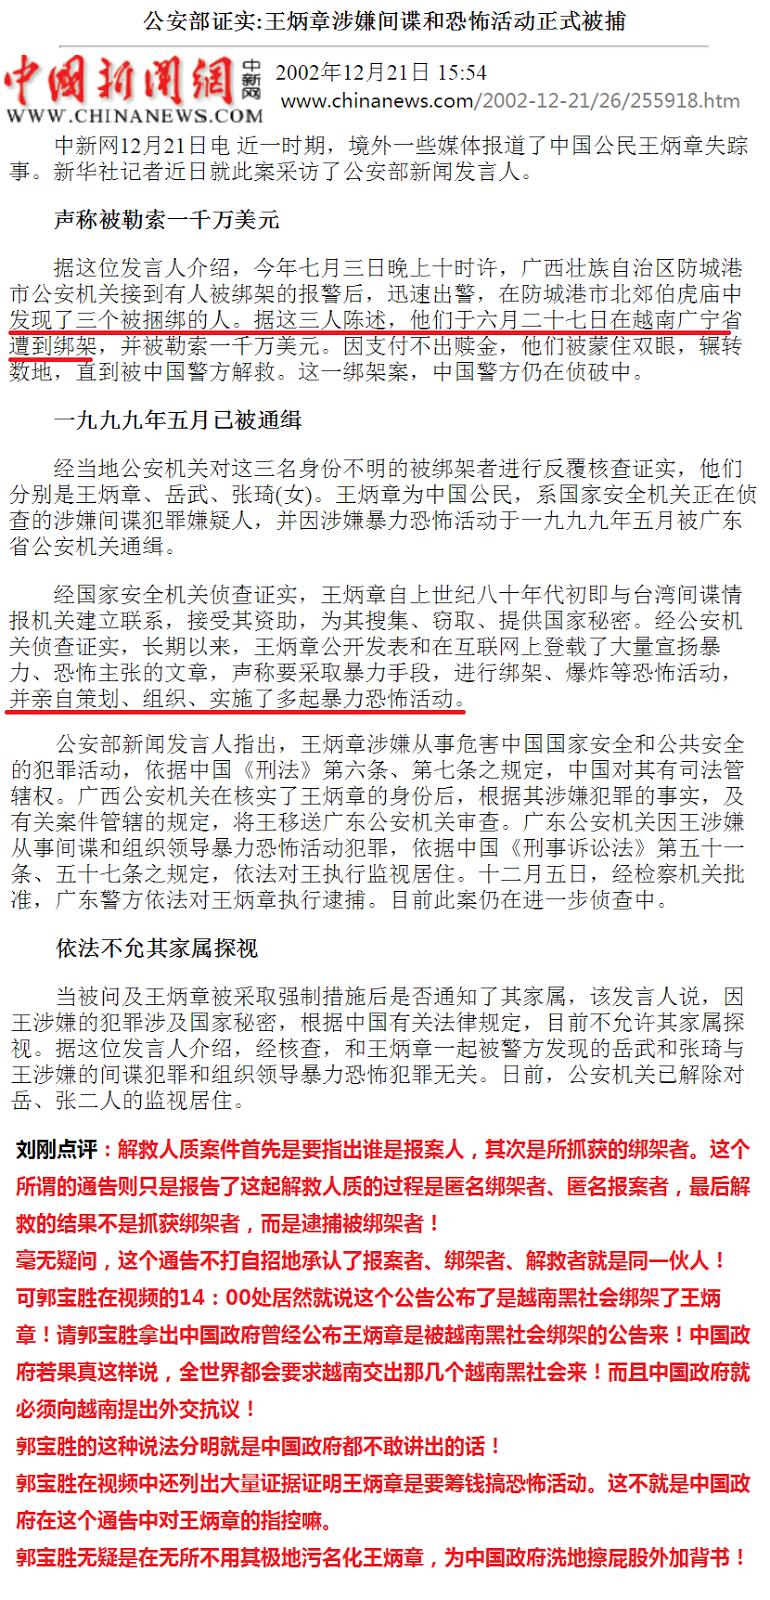 刘刚质问郭文贵、唐柏桥、郭宝胜、杨建利、杨建翱!